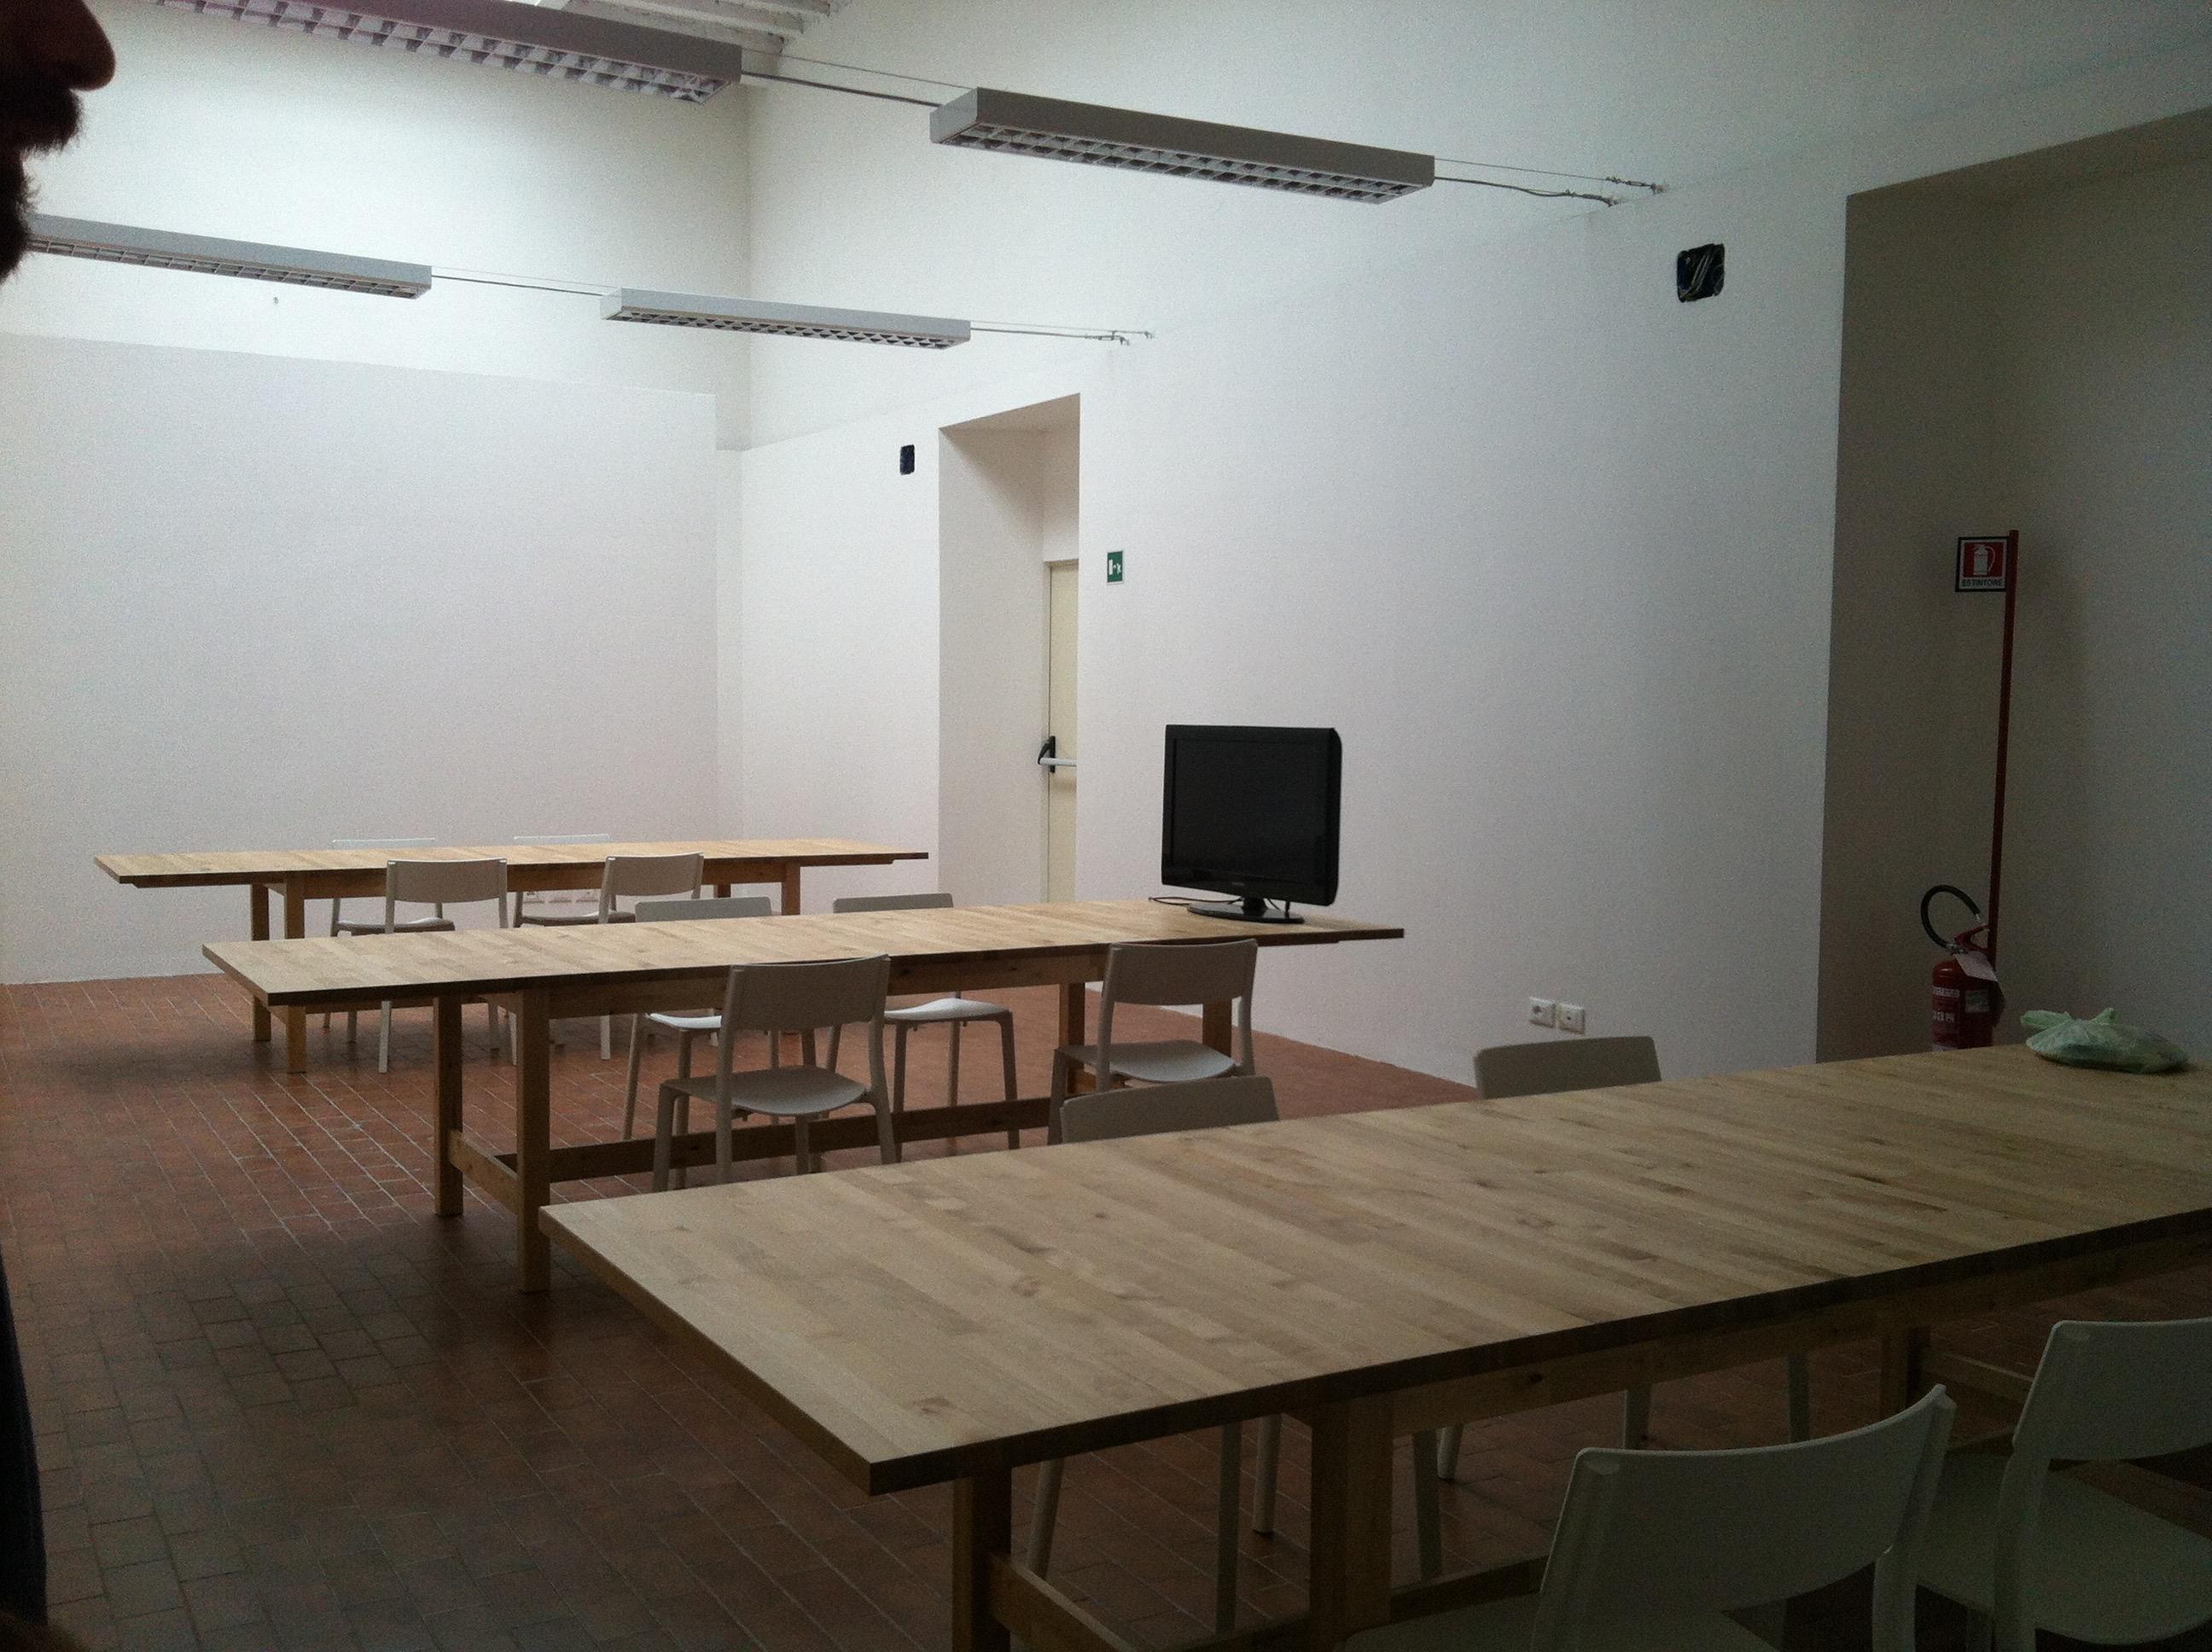 Hub / Spoke big open space